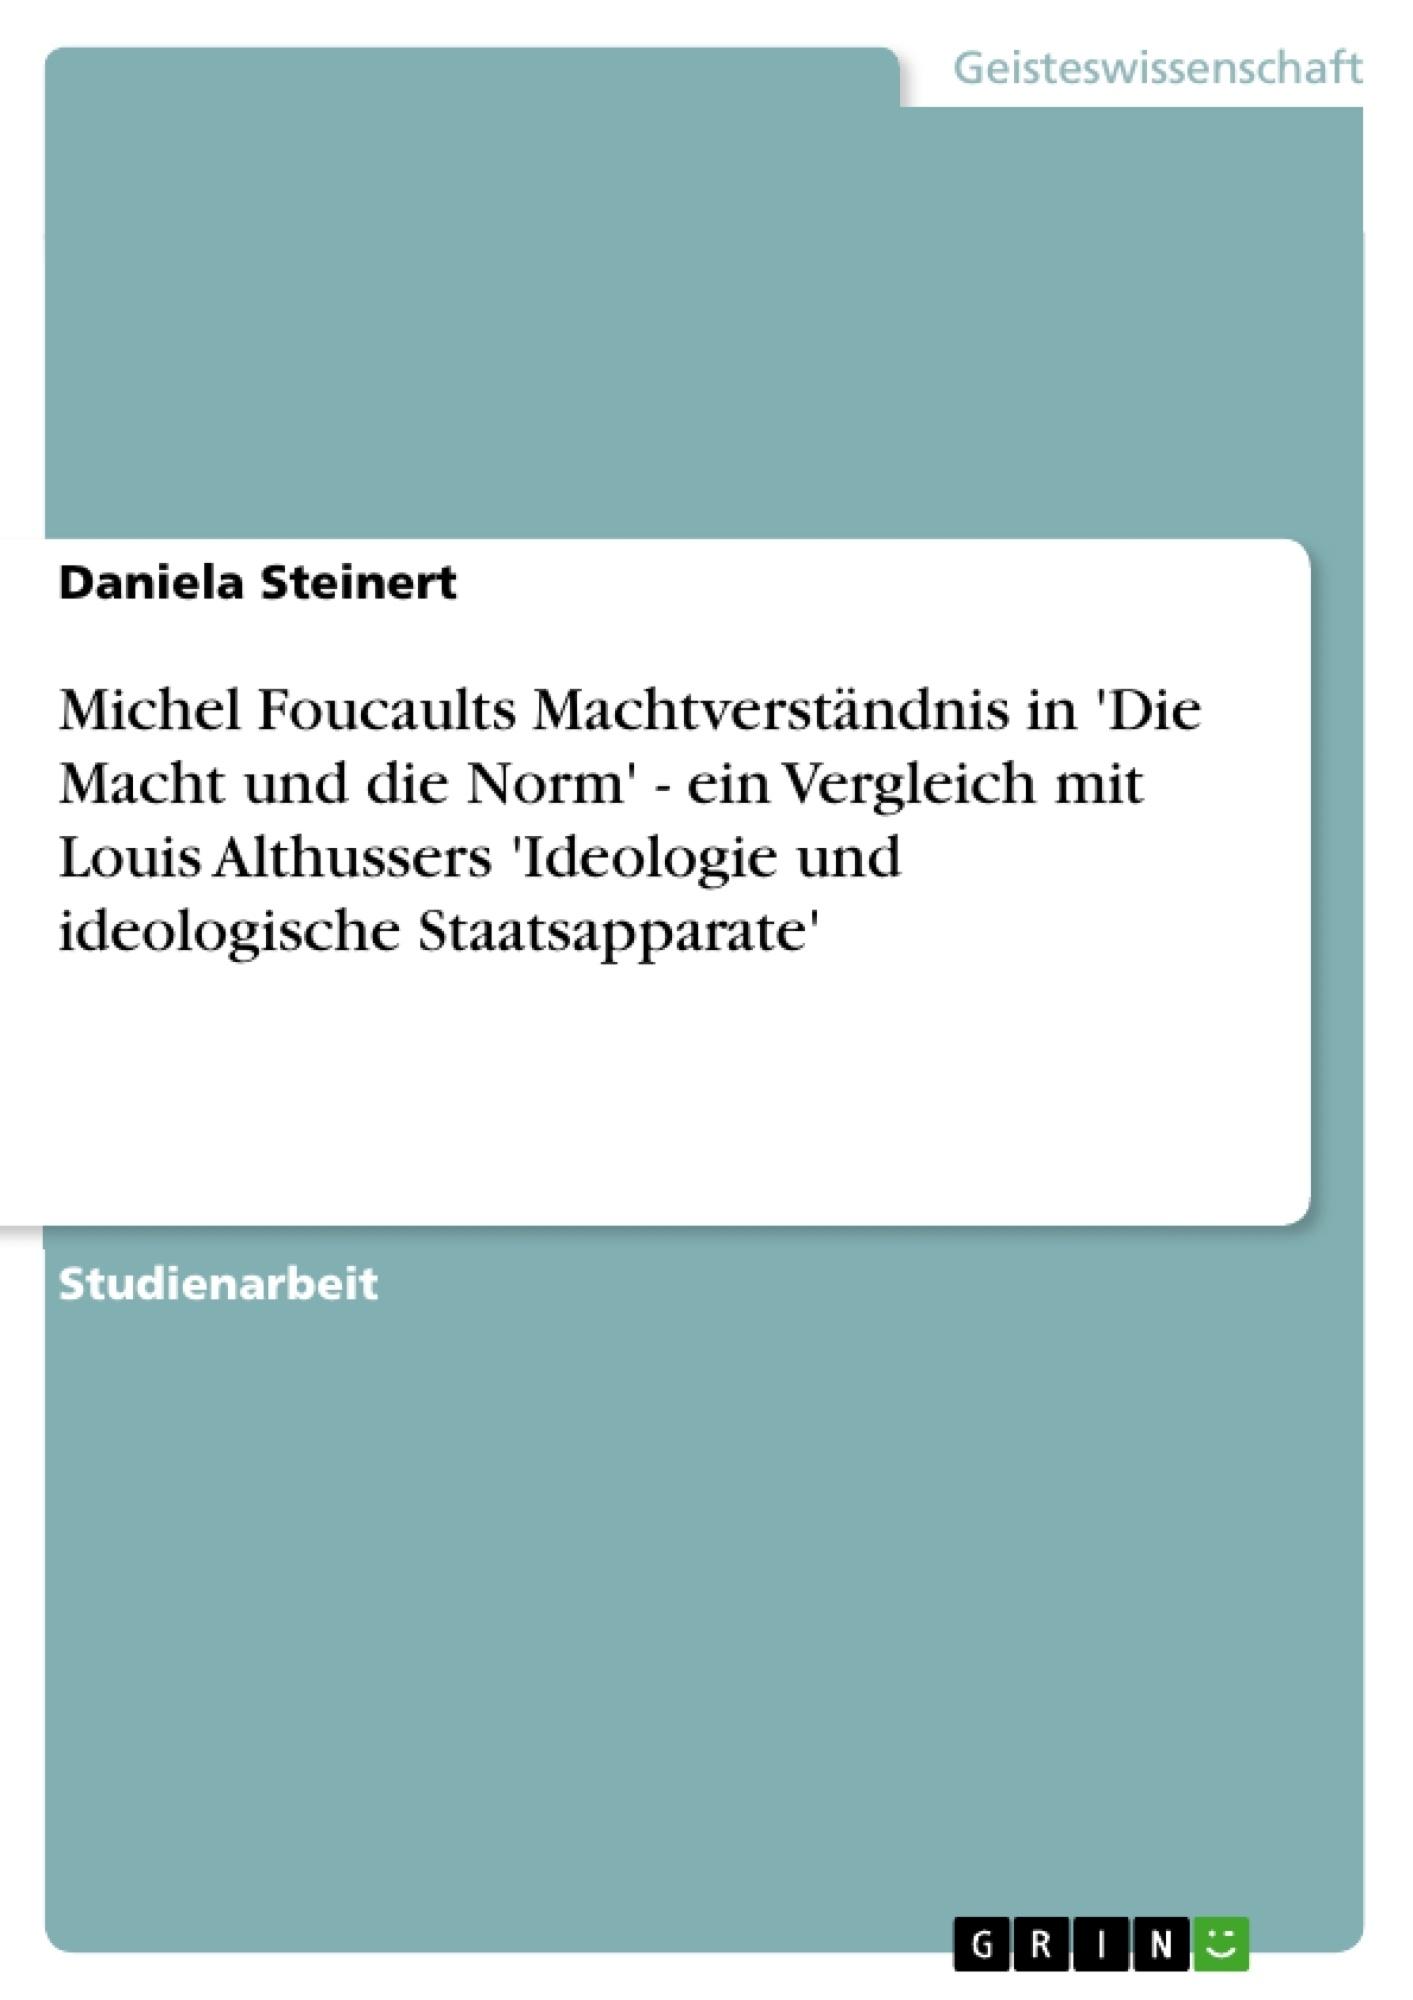 Titel: Michel Foucaults Machtverständnis in 'Die Macht und die Norm' - ein Vergleich mit Louis Althussers 'Ideologie und ideologische Staatsapparate'